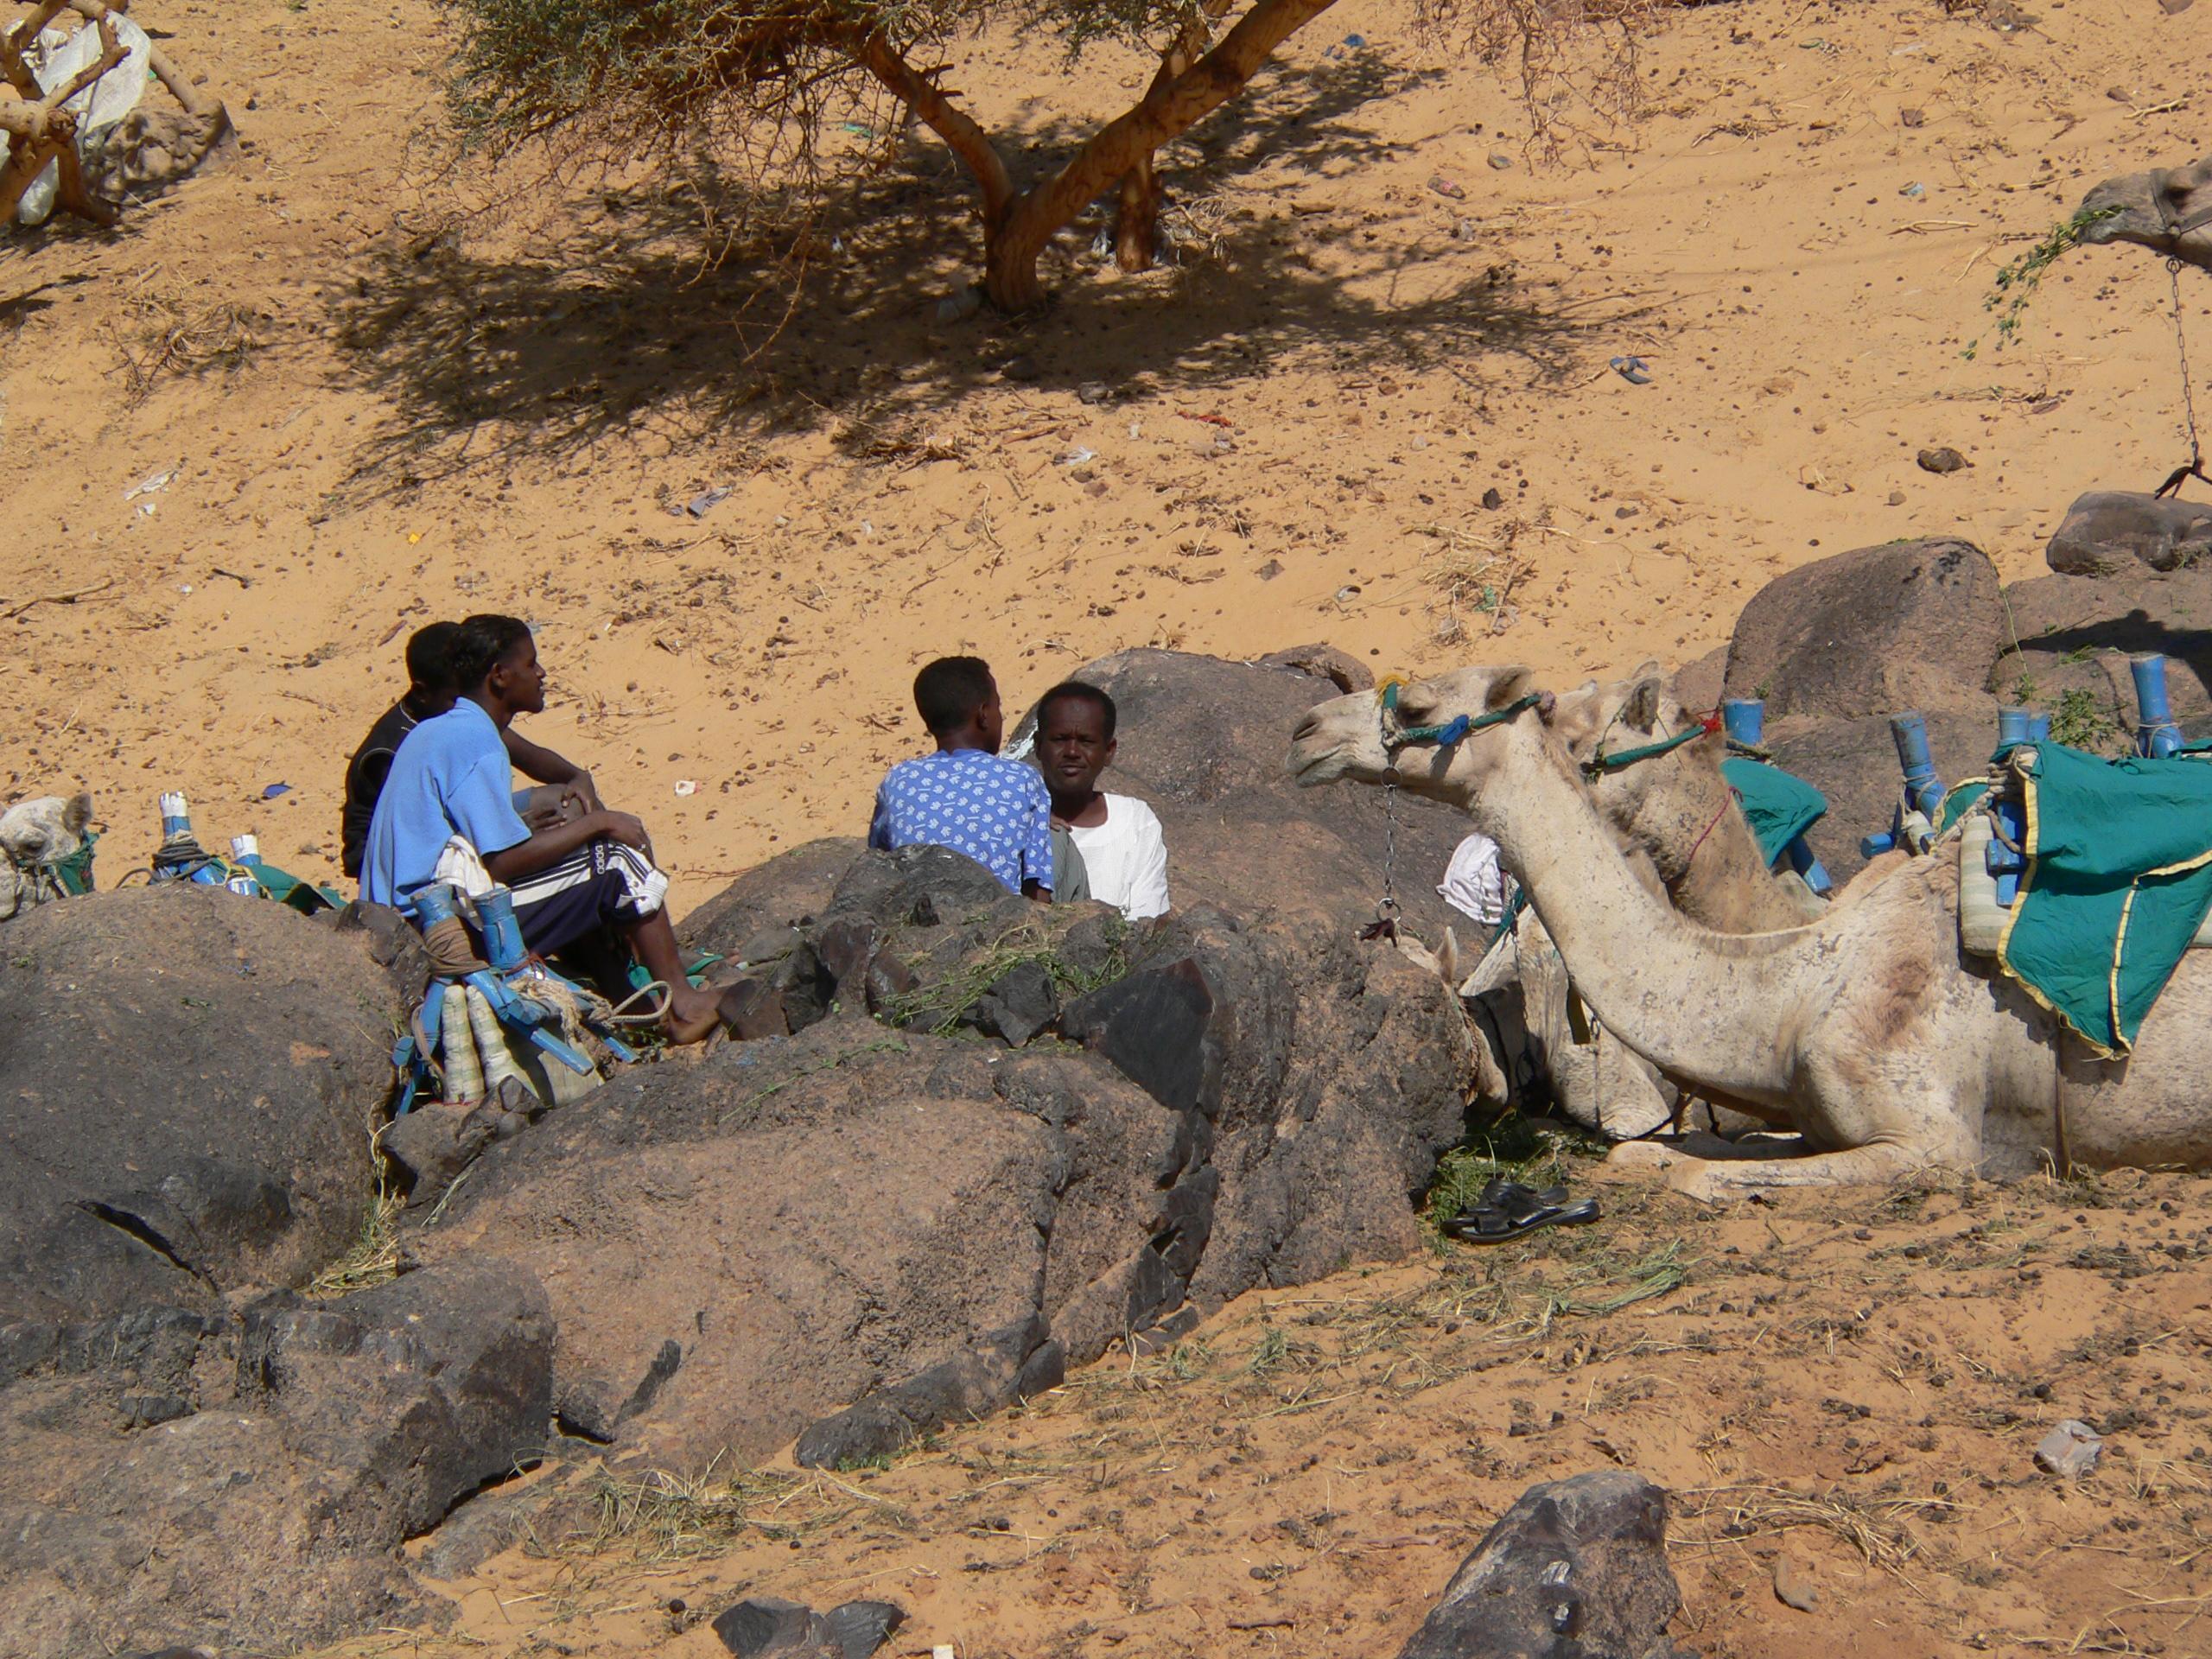 Image:Nubians